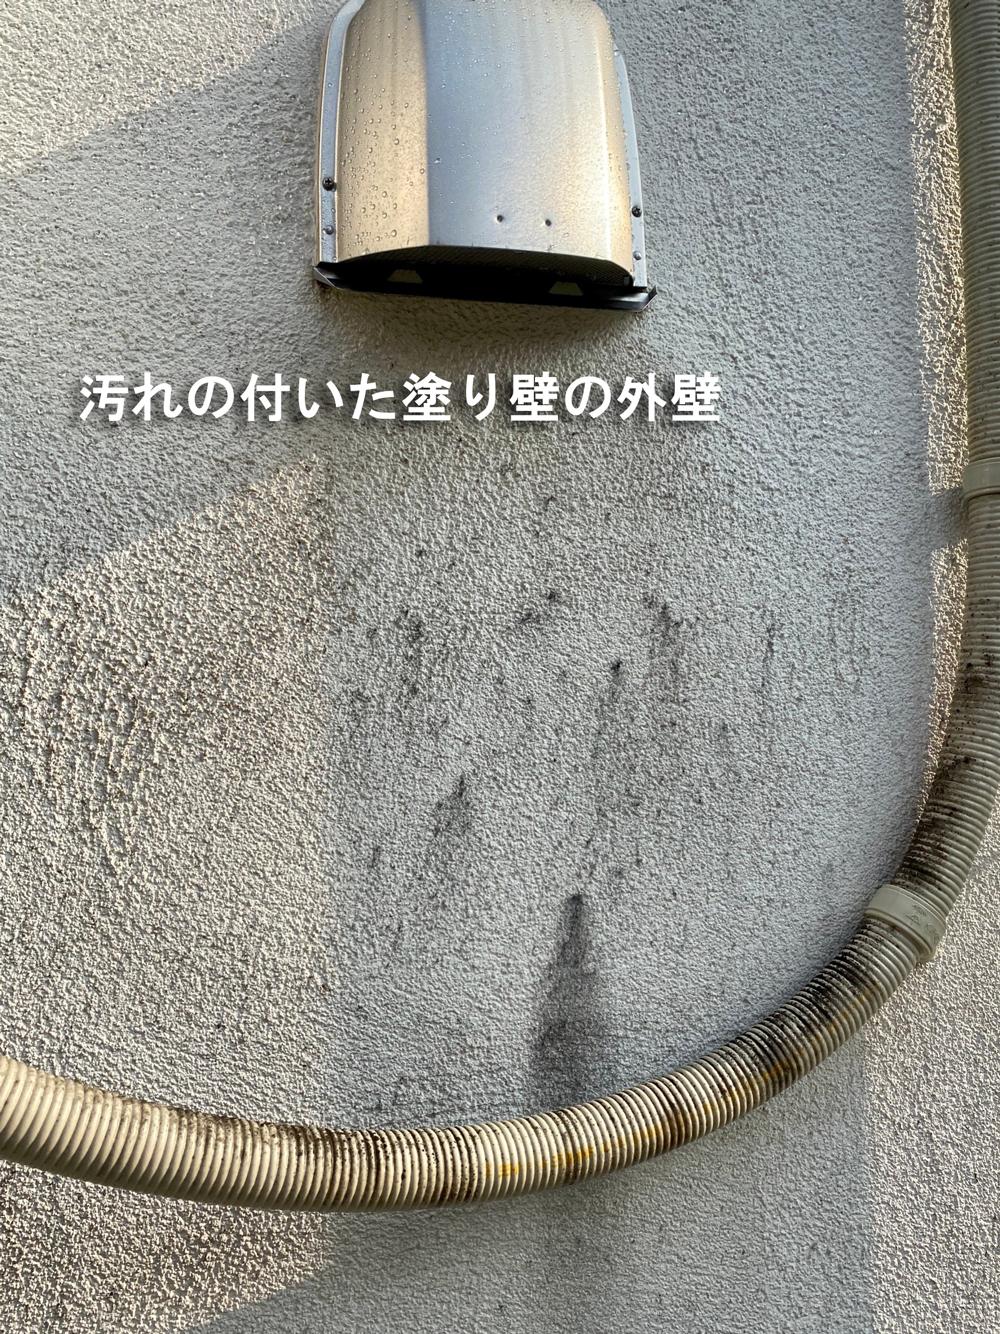 塗り壁 メンテナンス